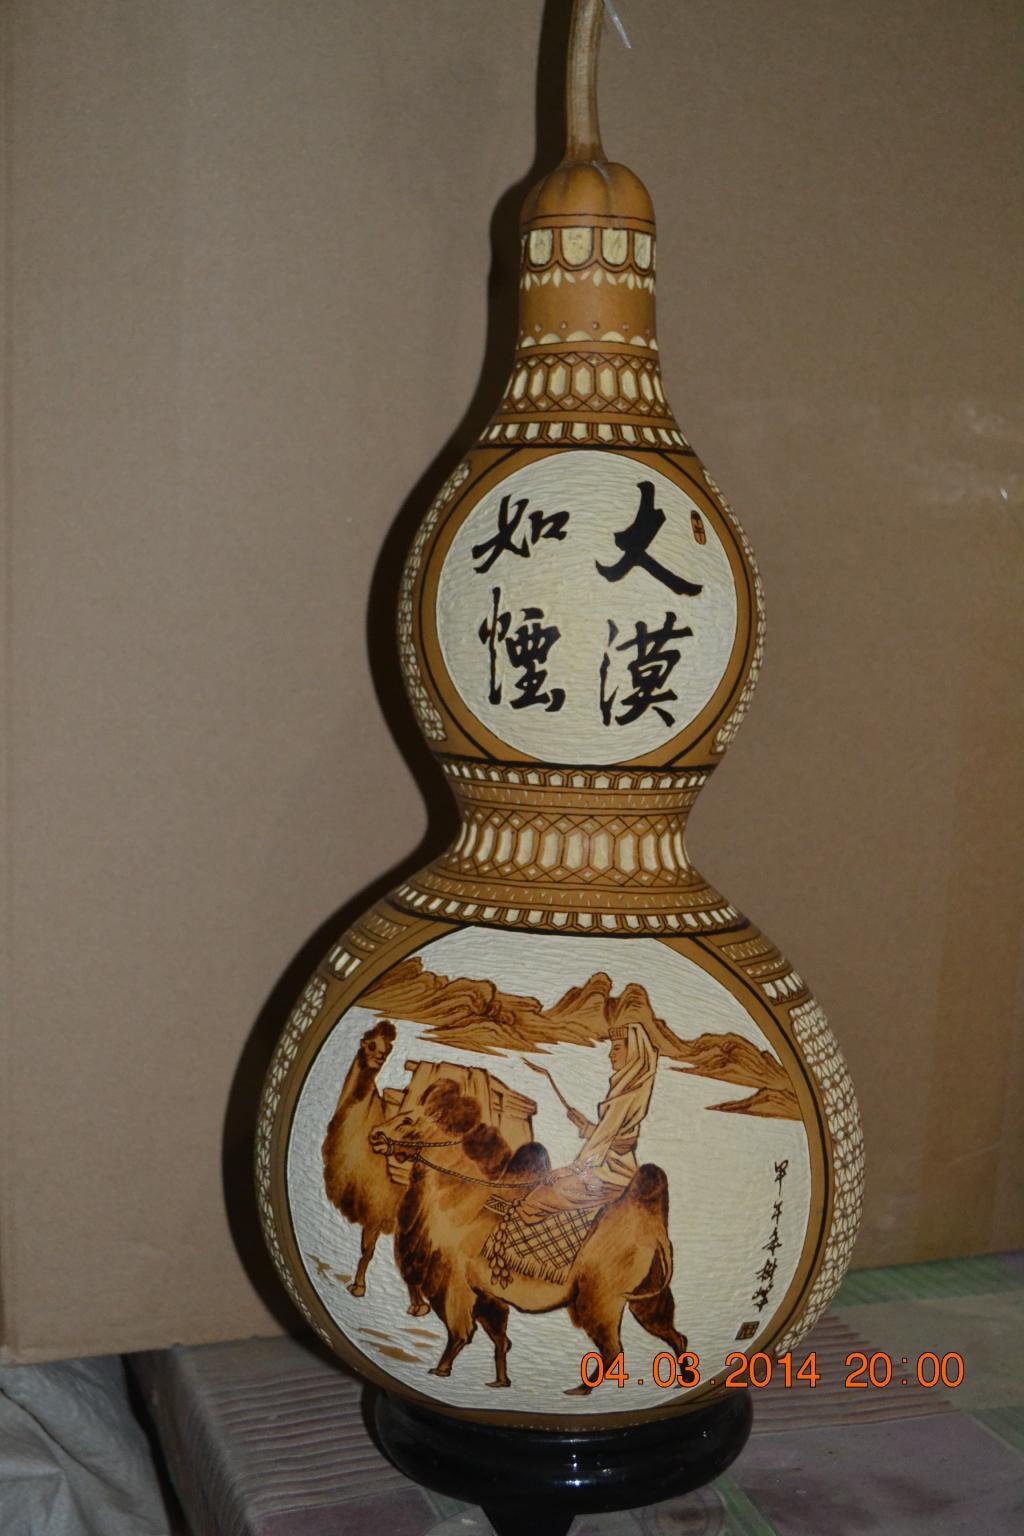 Изделия из тыквы Естественный процесс гиацинт большие талии давление пирография резной изысканной мебелью украшения коллекции подарок 38 см